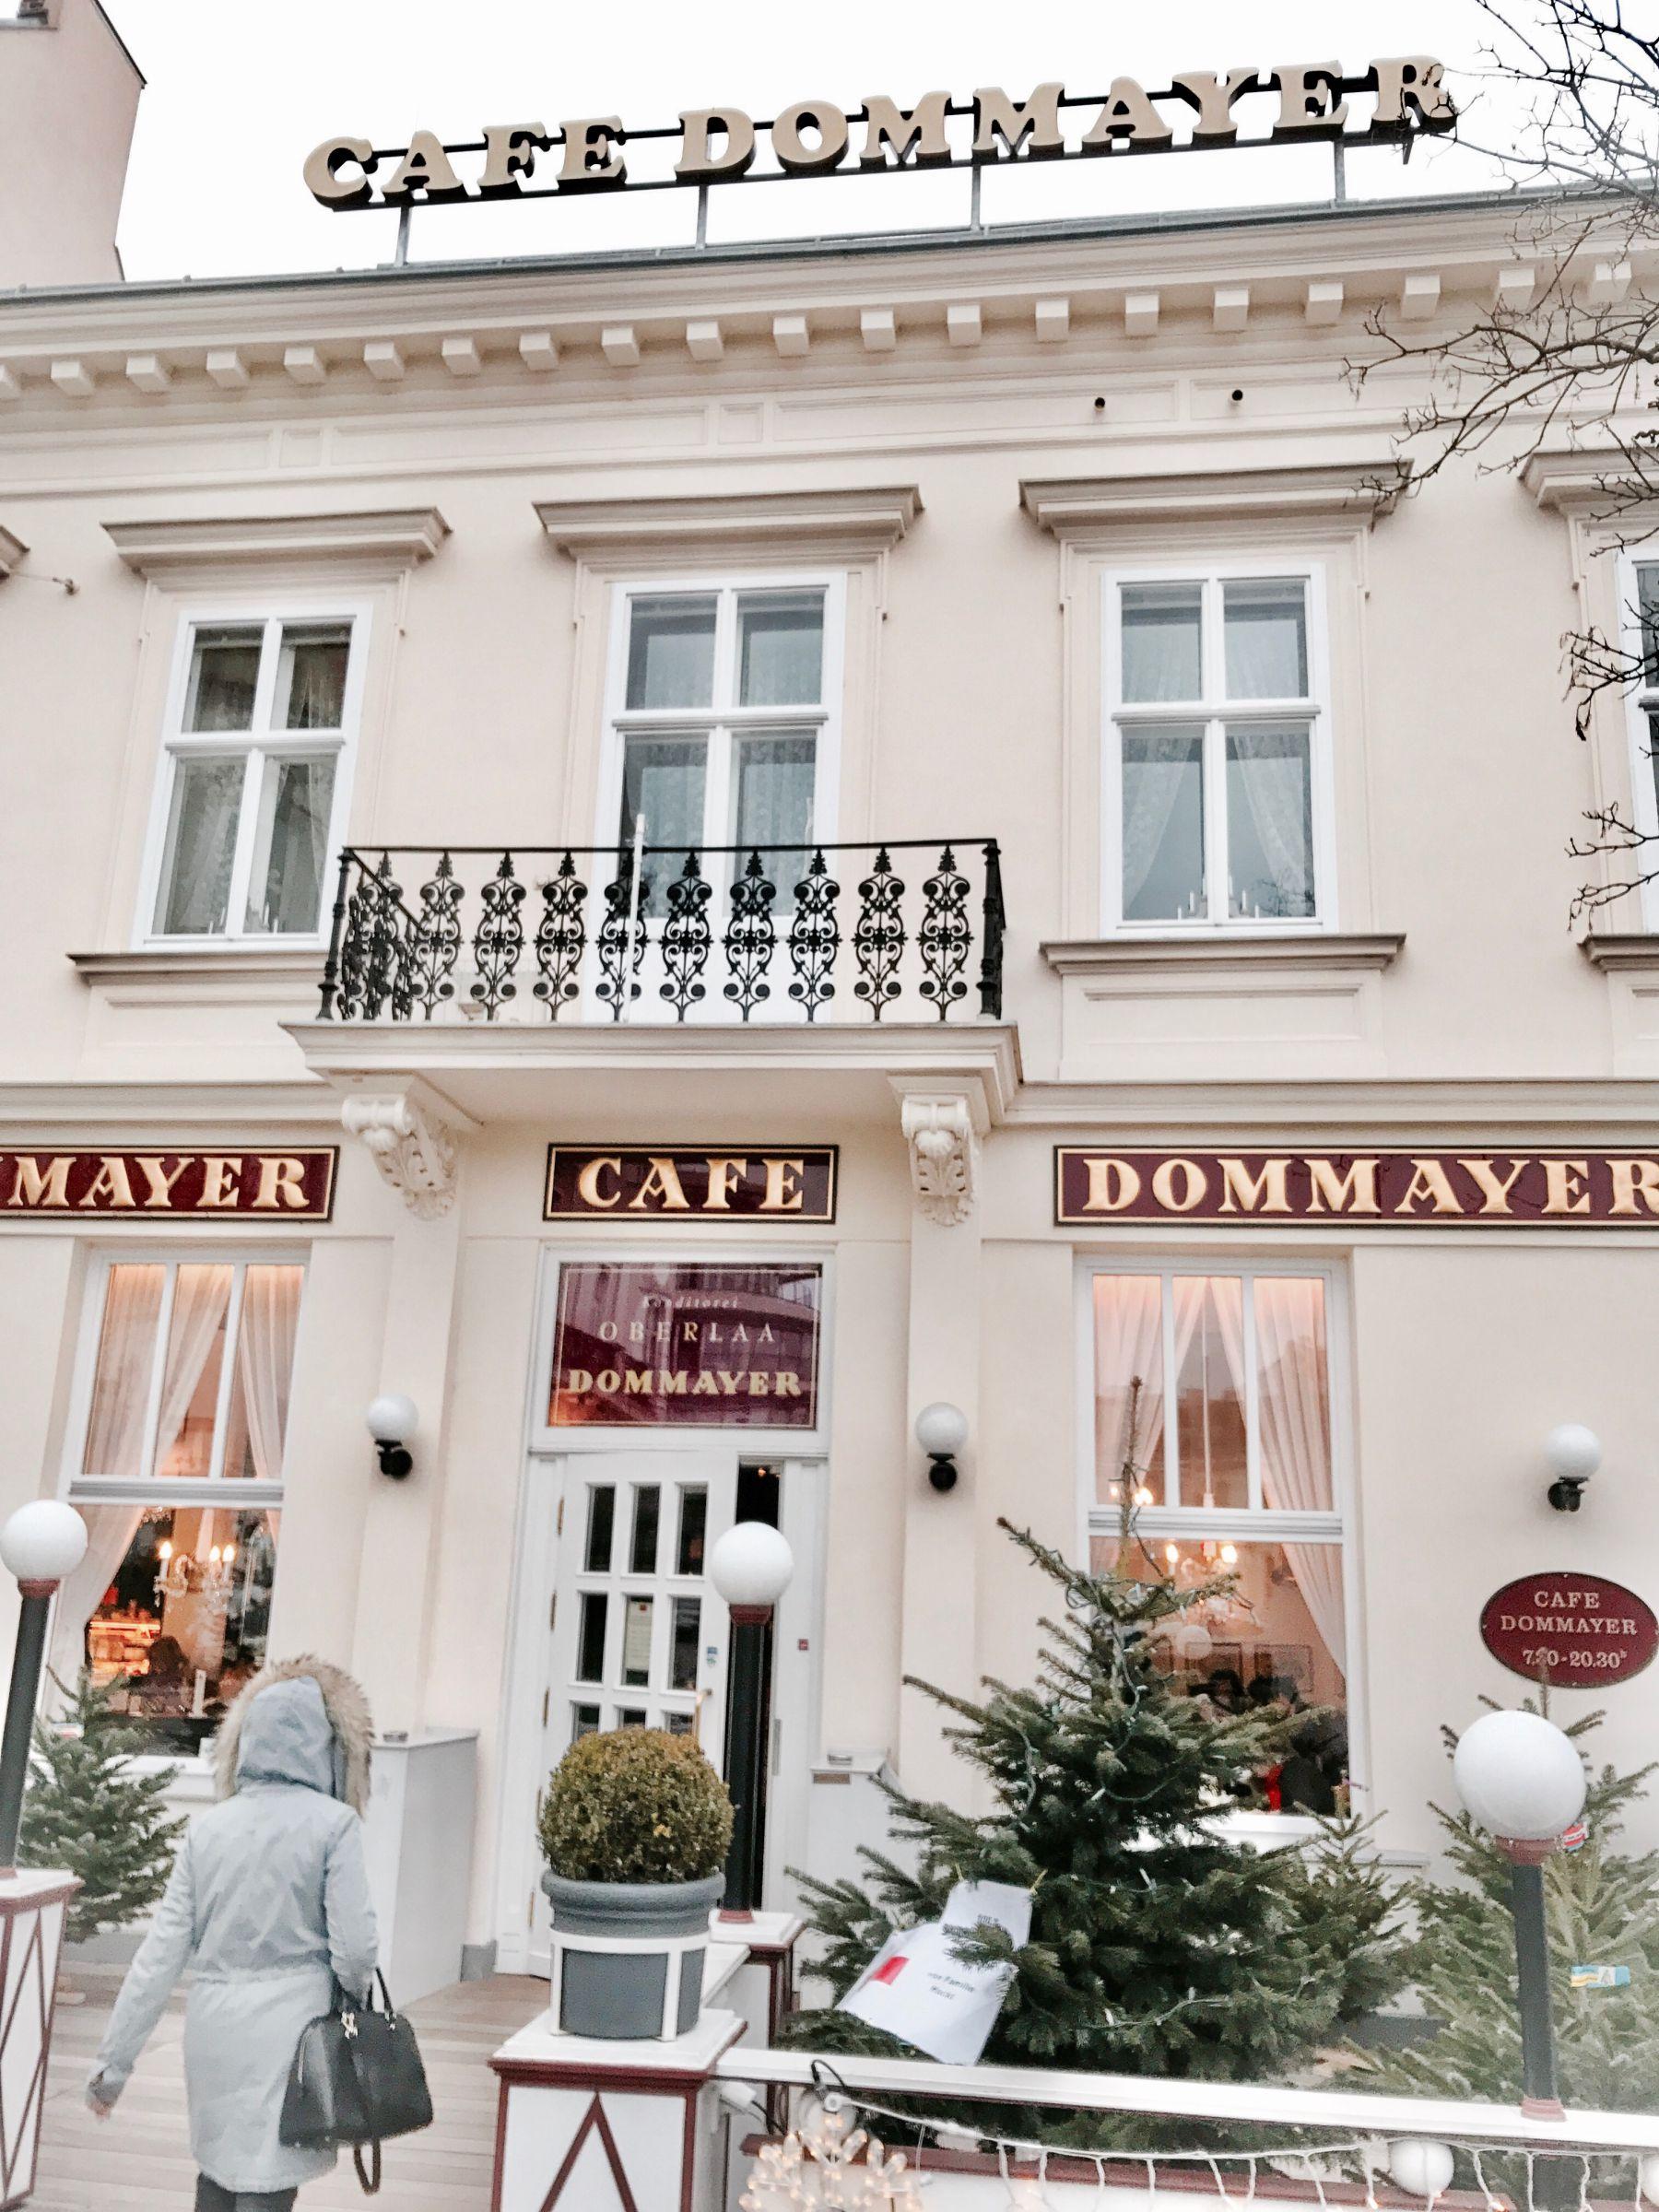 Cafe Dommayer Wien